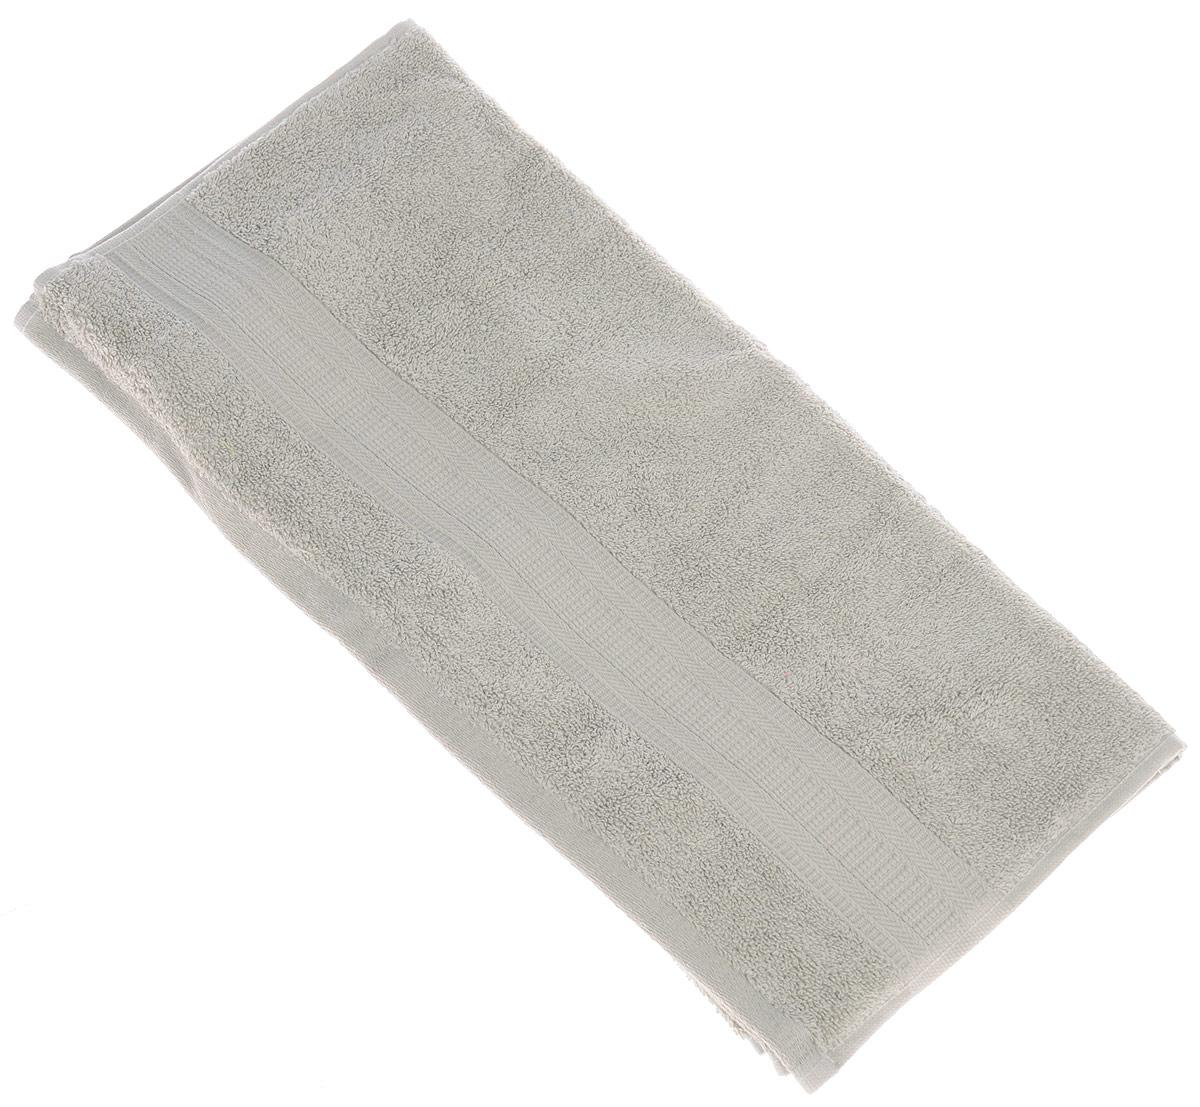 Полотенце TAC Mixandsleep, цвет: серый, 50 х 90 смCLP446Махровое полотенце TAC Mixandsleep выполнено из приятного на ощупь натурального хлопка и декорировано изящным орнаментом. Полотенце прекрасно впитывает влагу и легко стирается.Полотенце TAC Mixandsleep создаст атмосферу уюта и комфорта в вашем доме.Хлопок - это волшебный цветок, хранящий в своем сердце тепло и нежность. Человек начал использовать волокна этих растений еще в глубокой древности. Этот натуральный материал обладает такими свойствами как гигроскопичность и гипоаллергенность.